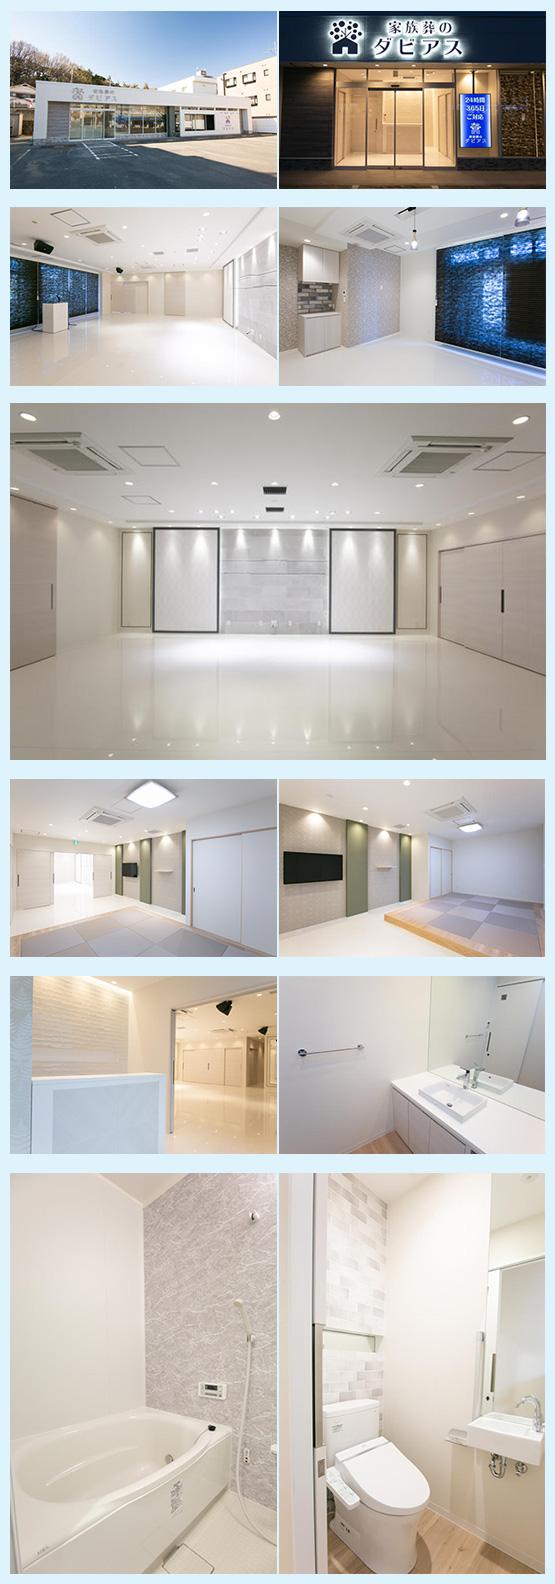 オフィス・ホテル・スクール・ジム 内装デザイン事例7